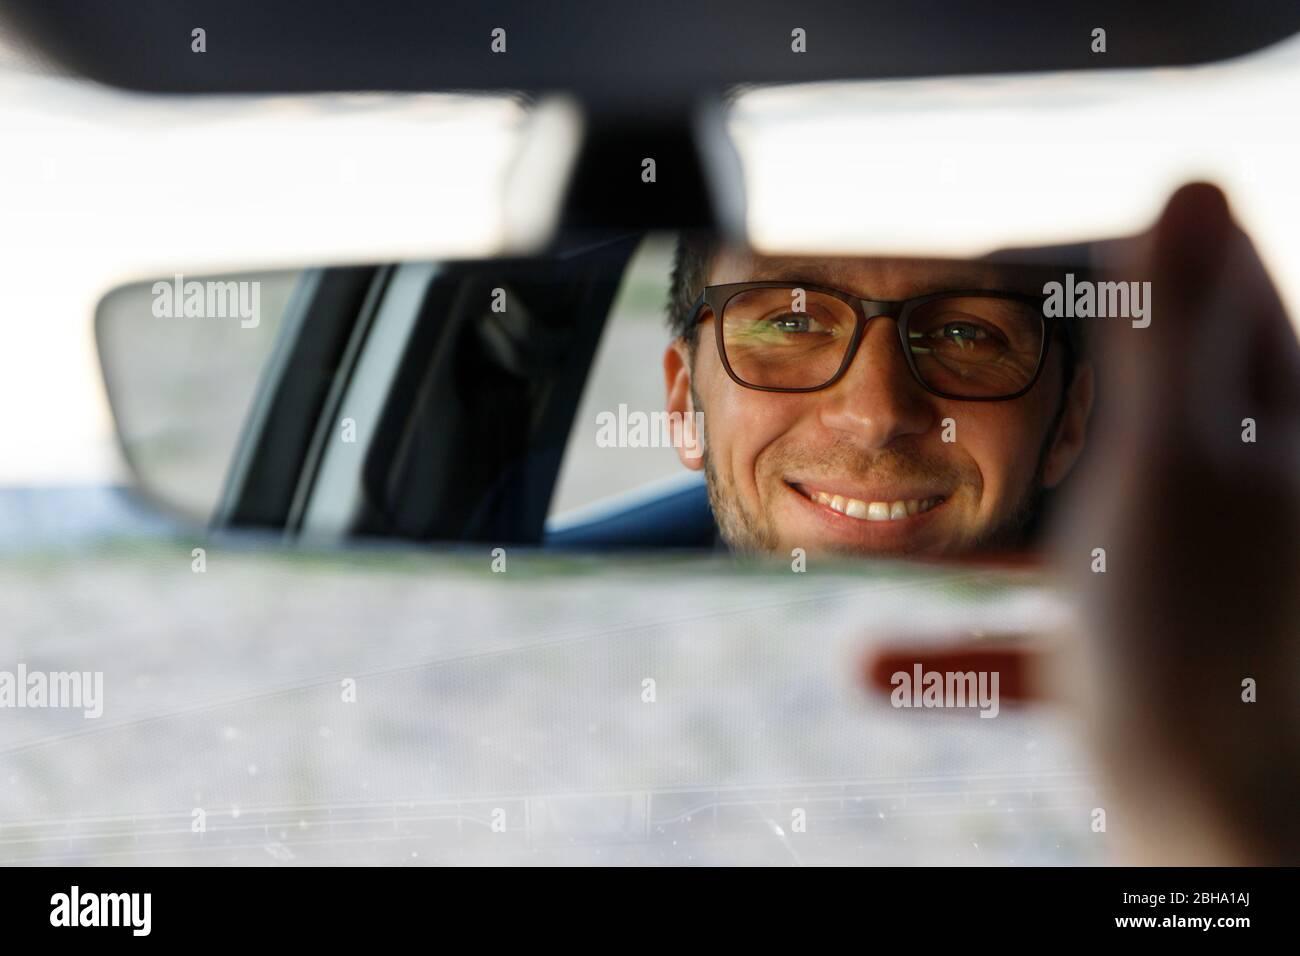 Homme joyeux et joyeux portant des lunettes et un miroir de réglage tout en étant assis dans sa voiture, regardant en réflexion. Mise au point douce. Émotions de conduire une nouvelle voiture Banque D'Images